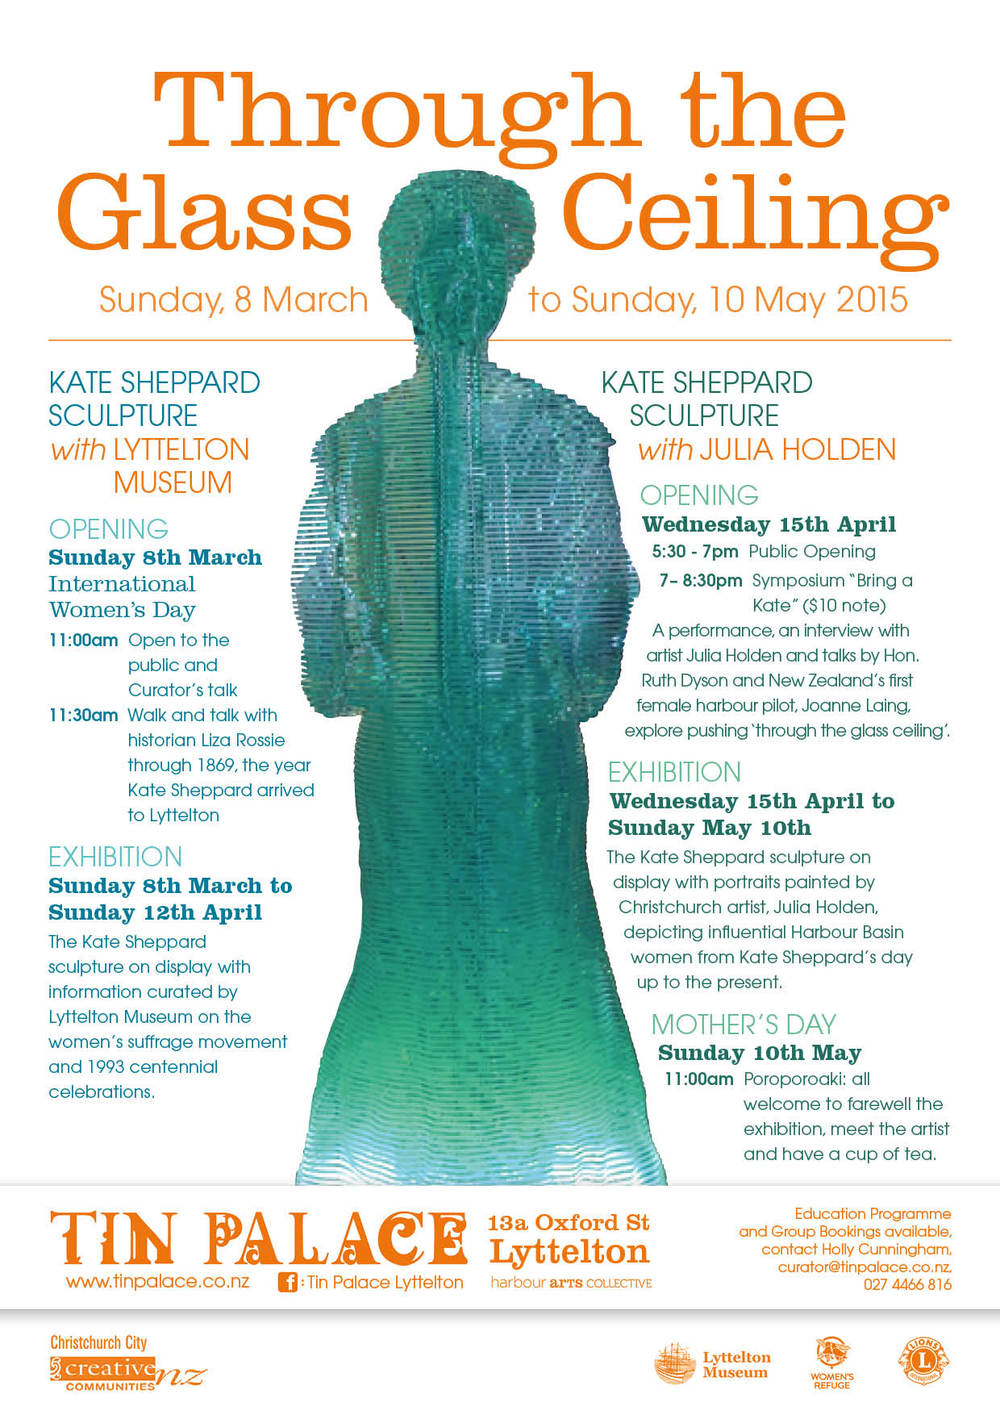 glass+ceiling+poster.jpg